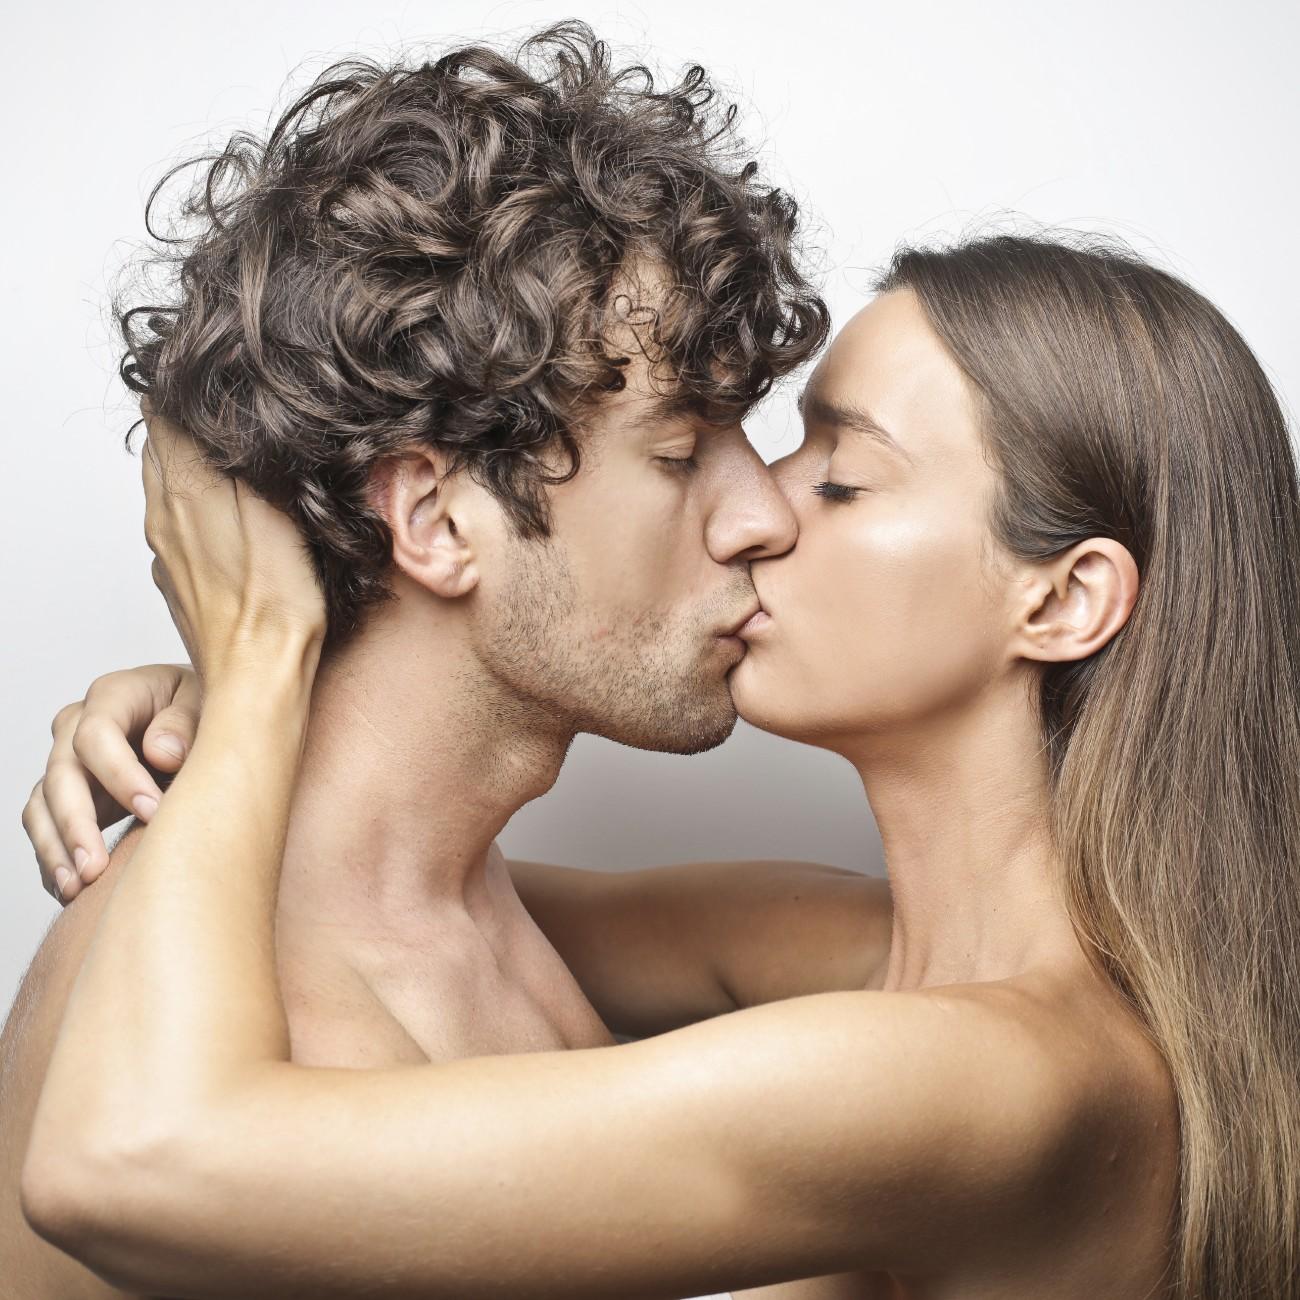 coppia si bacia appassionatament